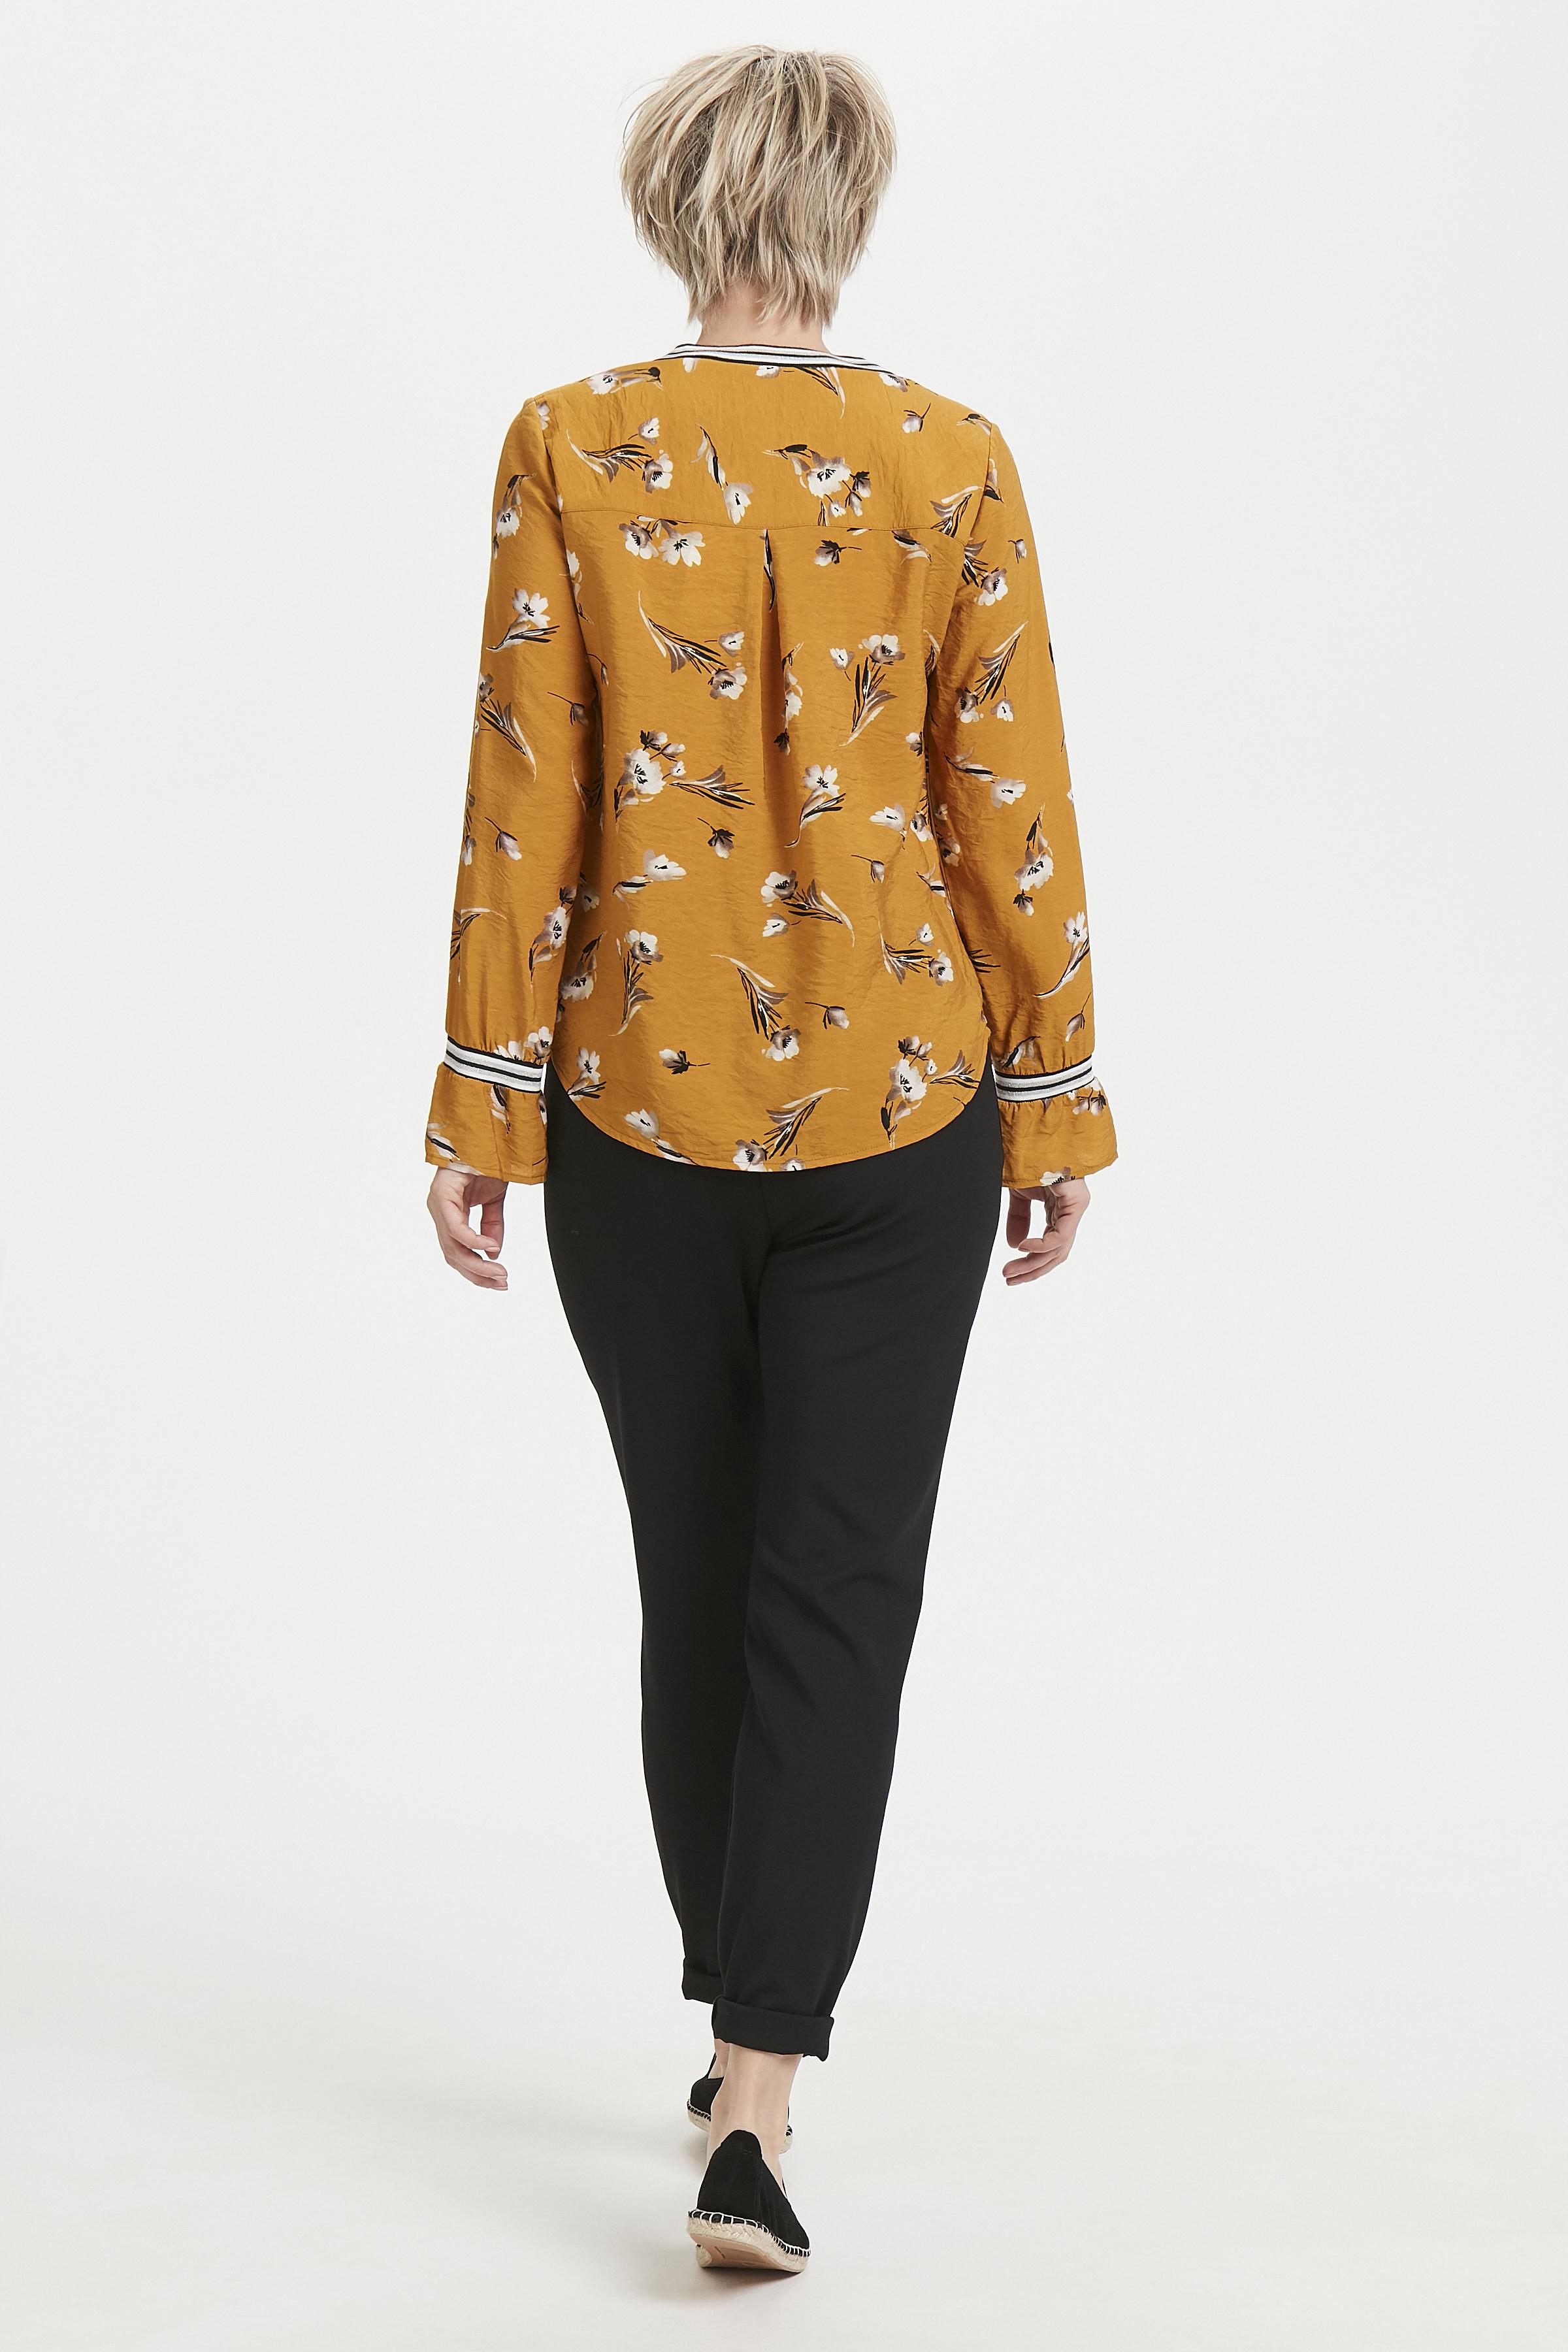 Dunkel curry Langarm-Bluse  von Bon'A Parte – Shoppen Sie Dunkel curry Langarm-Bluse  ab Gr. S-2XL hier